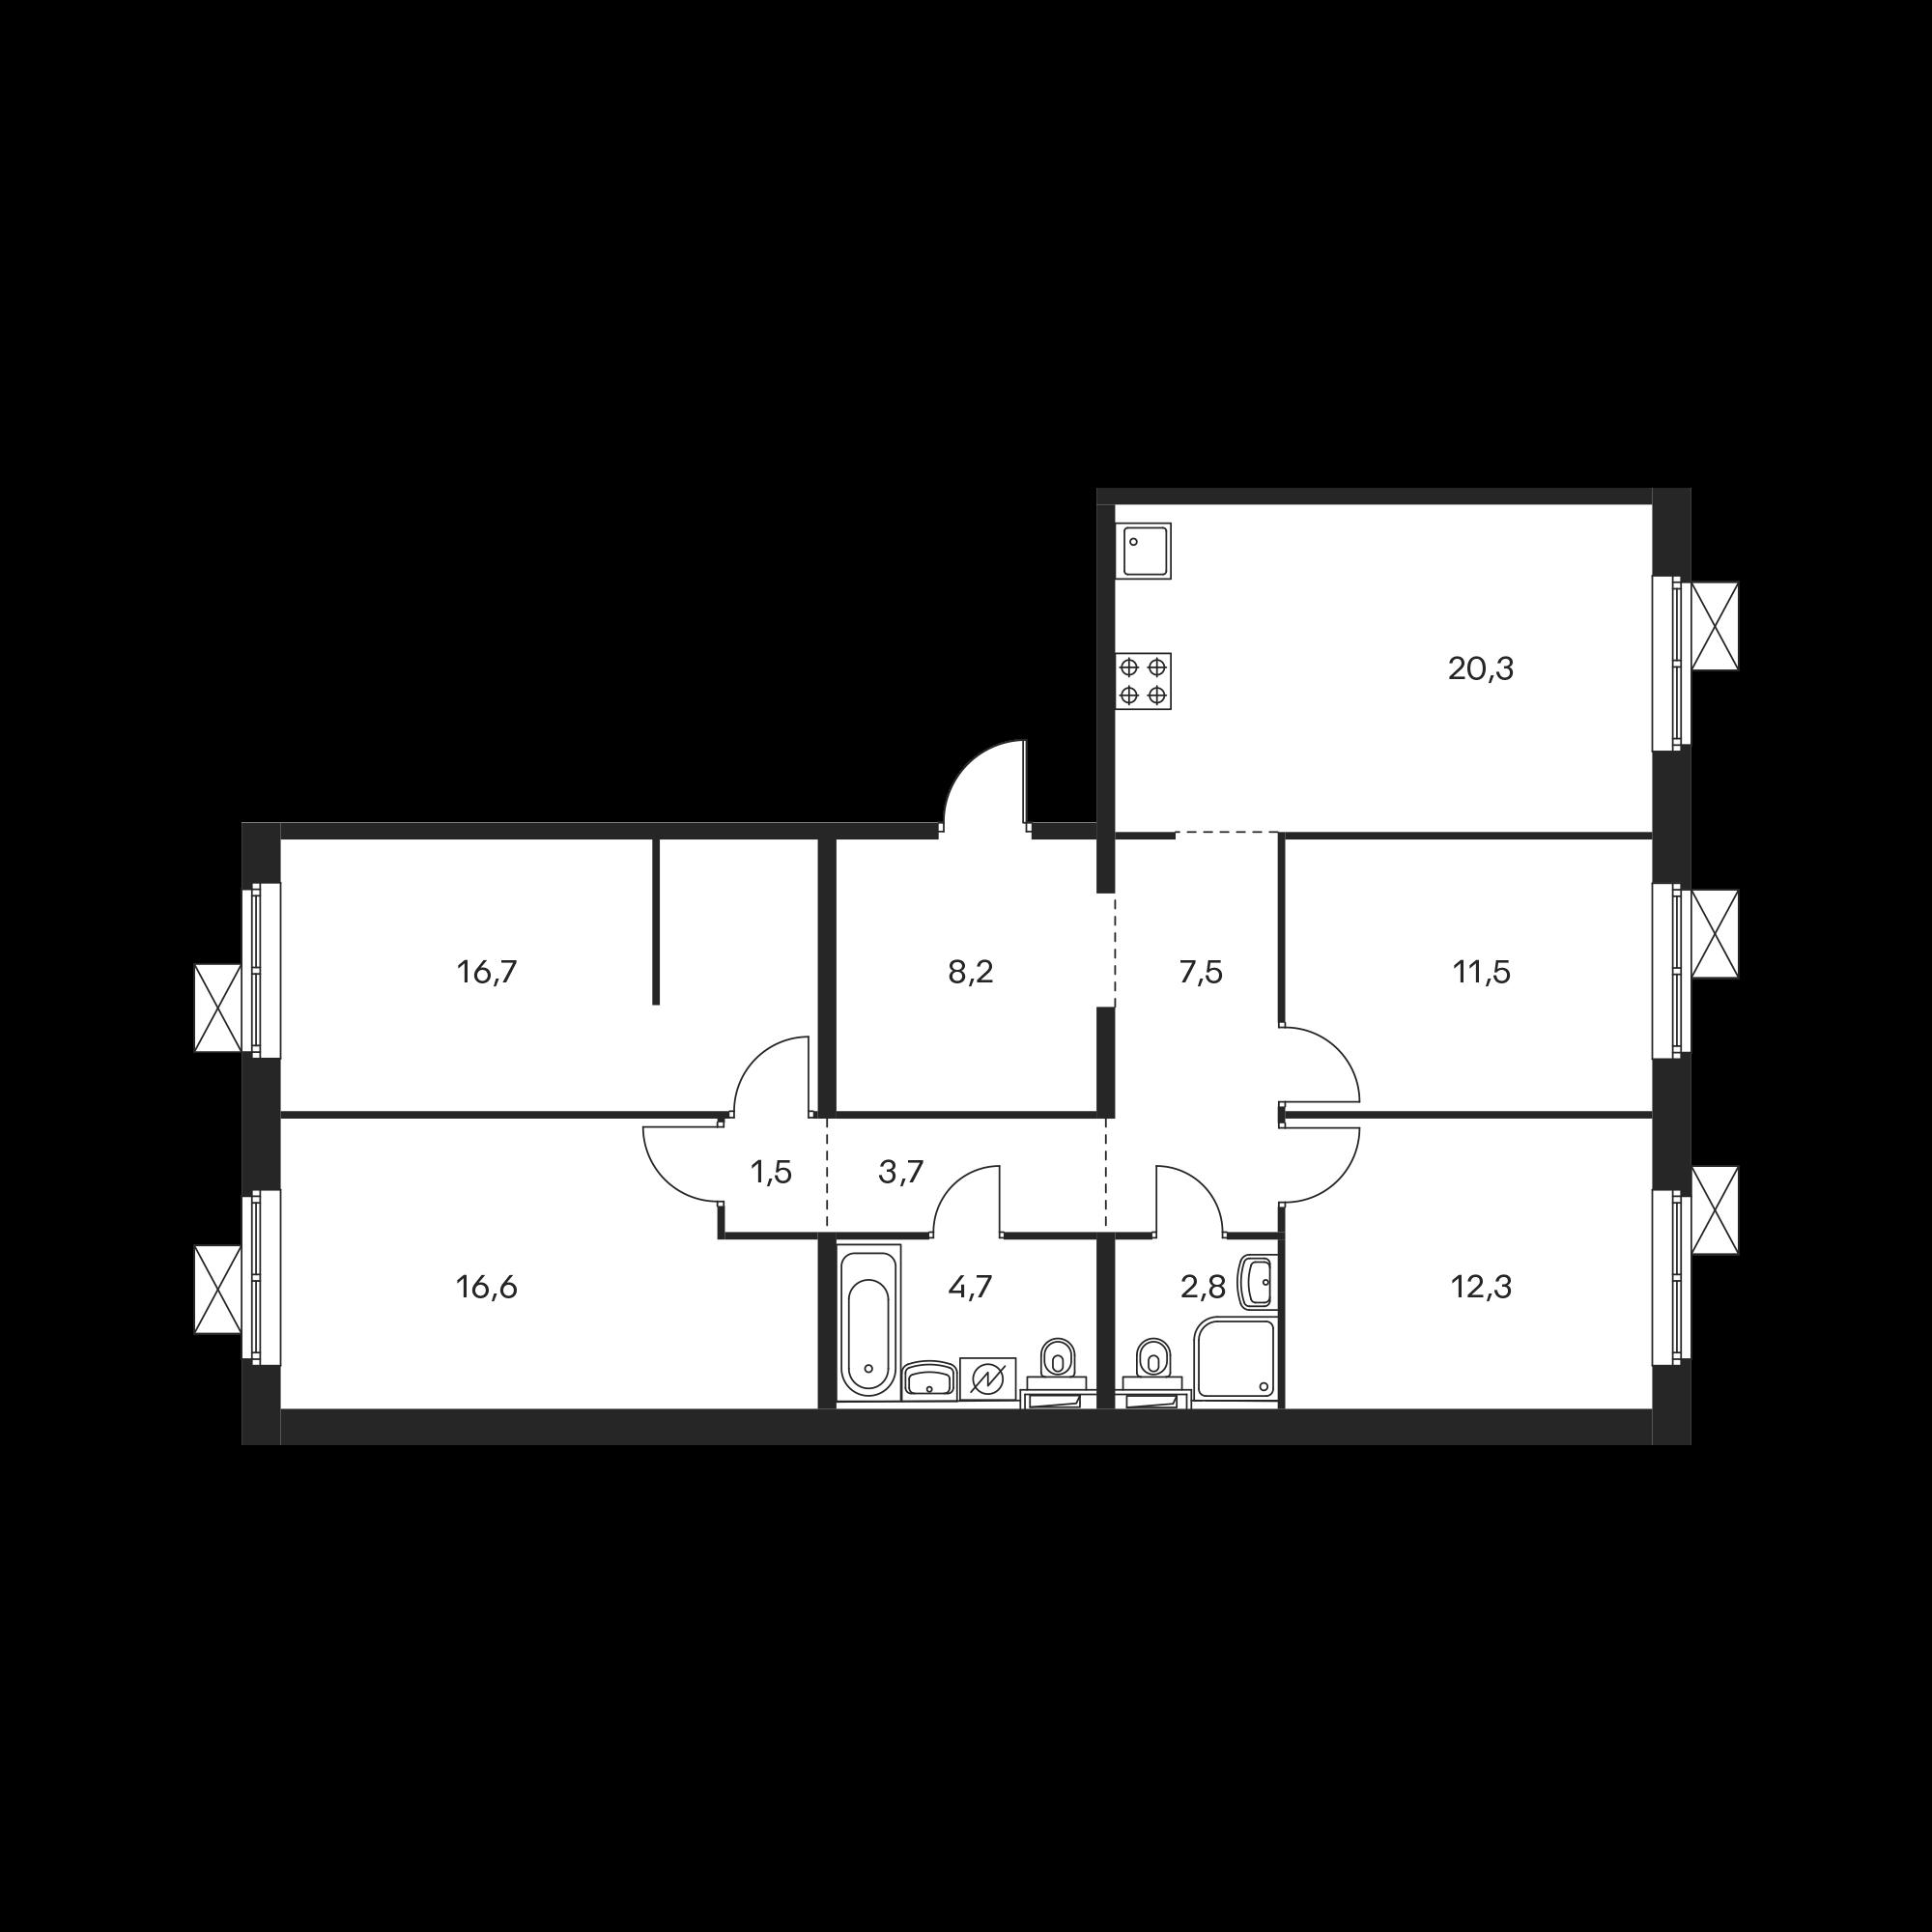 4-комнатная 105.8 м²